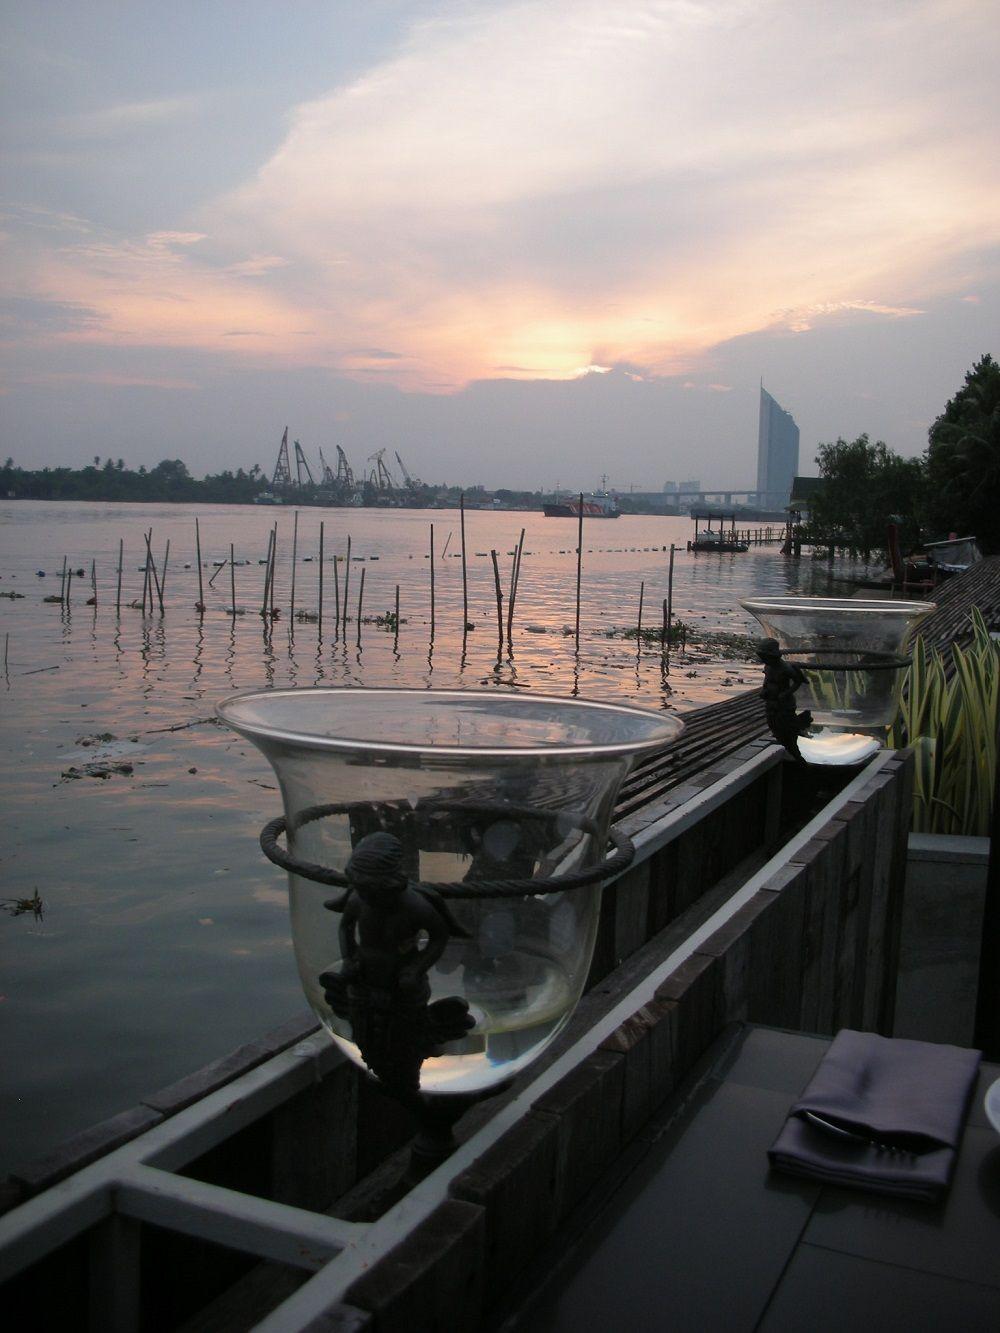 チャオプラヤー川の静かな場所に位置するブリタラ